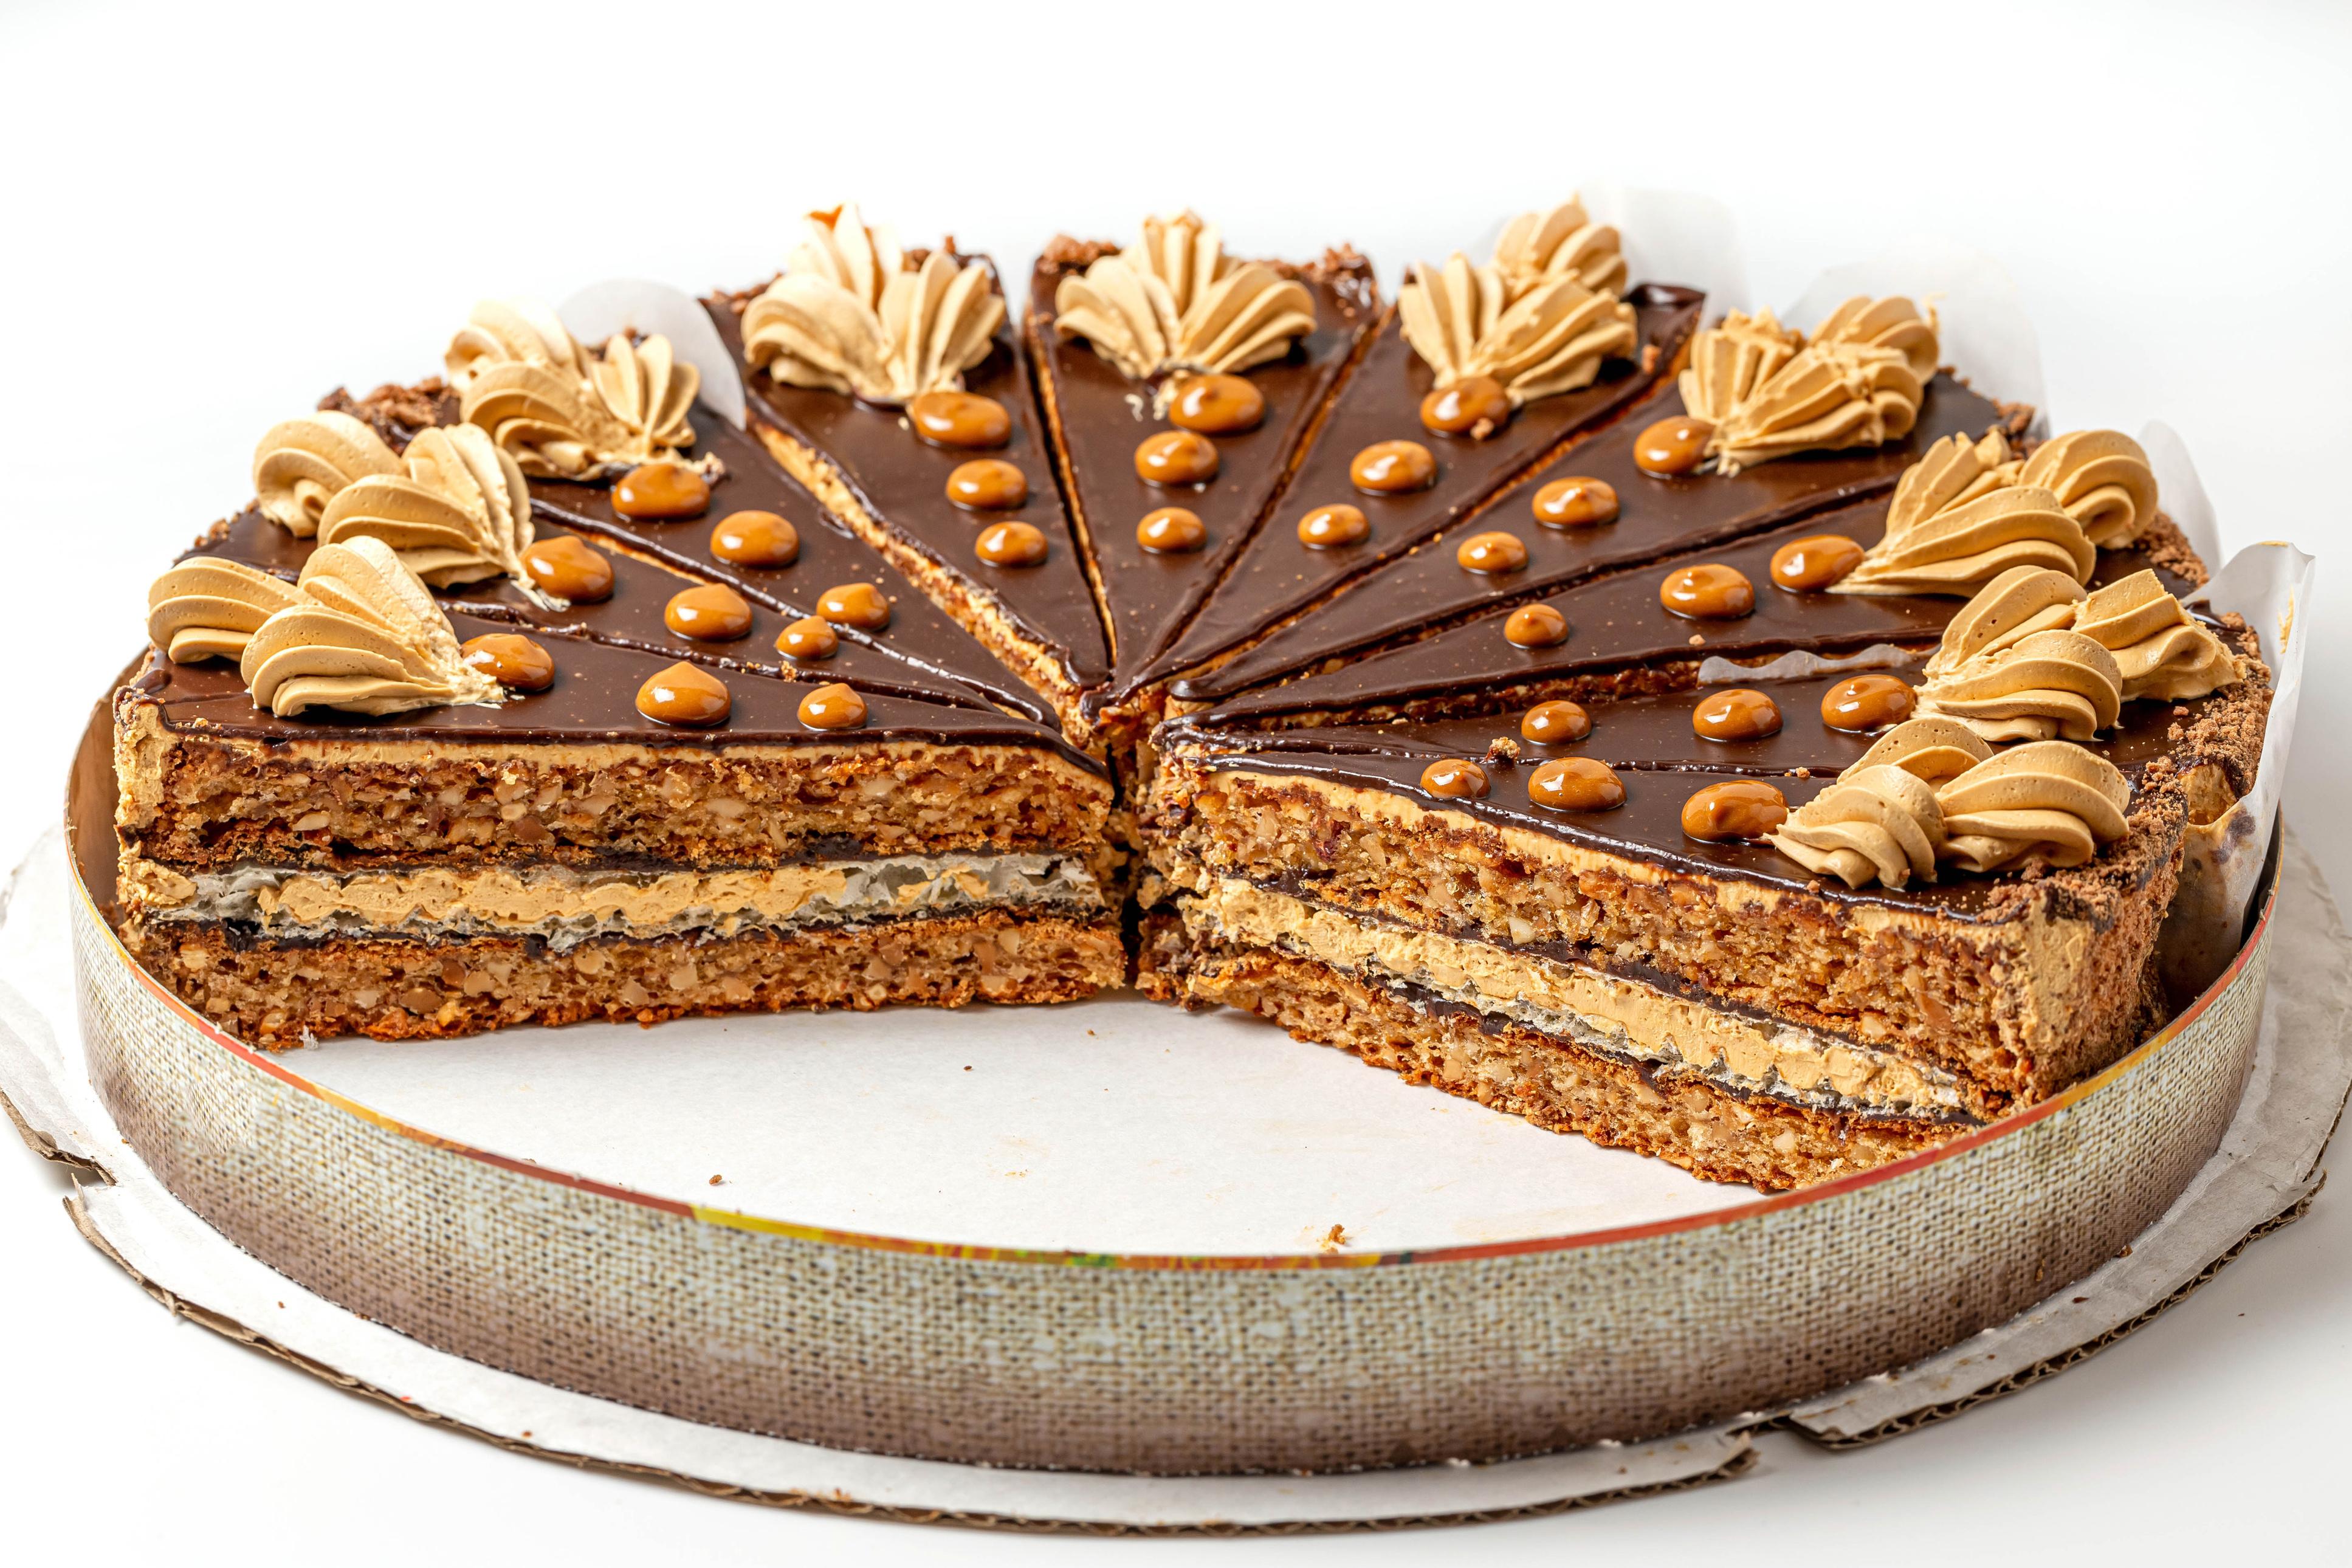 3870x2580 Tarta Chocolate El fondo blanco Diseño comida Alimentos